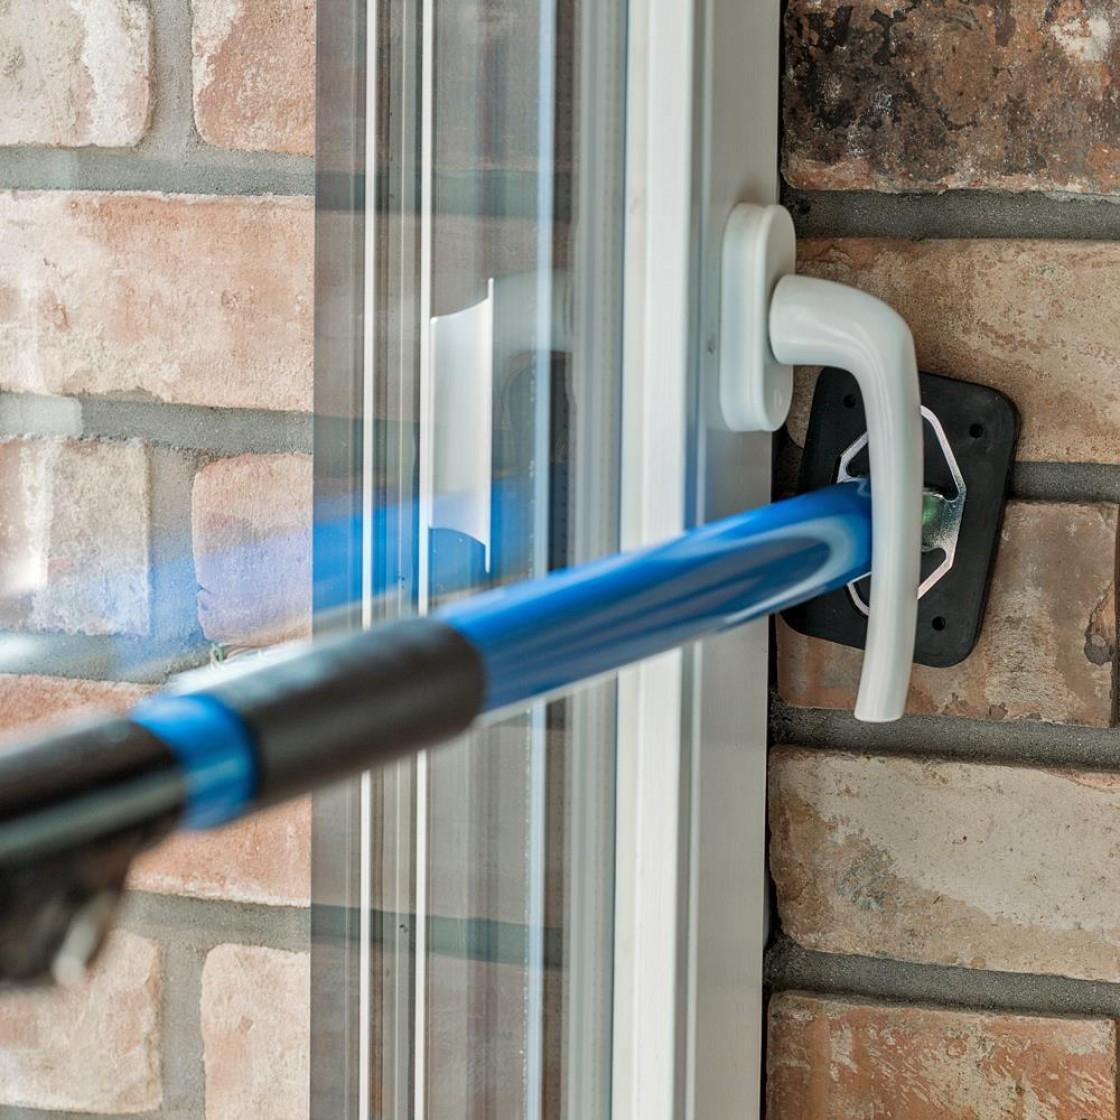 Full Size of Sicherungsstange Fenstersicherung Trsicherung Einbruchschutz Fenster Putzen Sichtschutzfolien Für Insektenschutz Ohne Bohren Austauschen Abus Fenster Teleskopstange Fenster